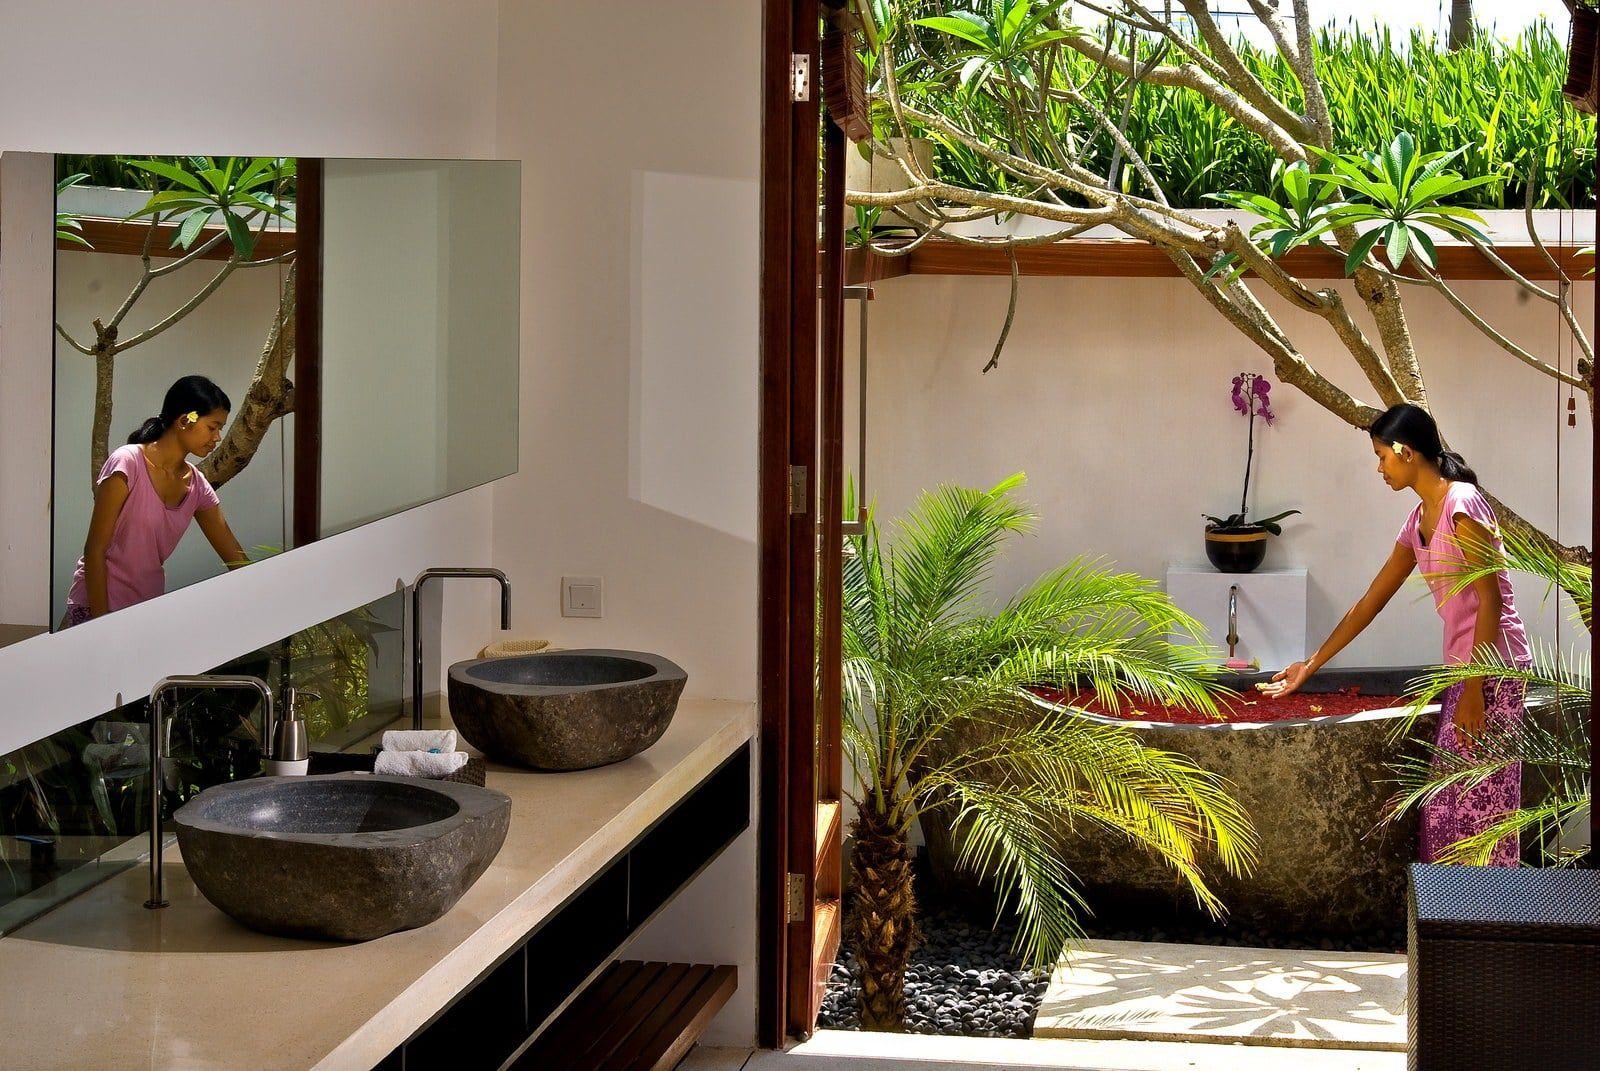 Desain Kamar Mandi Terbuka Desain Desain Kamar Mandi Desain Rumah Desain kamar mandi terbuka